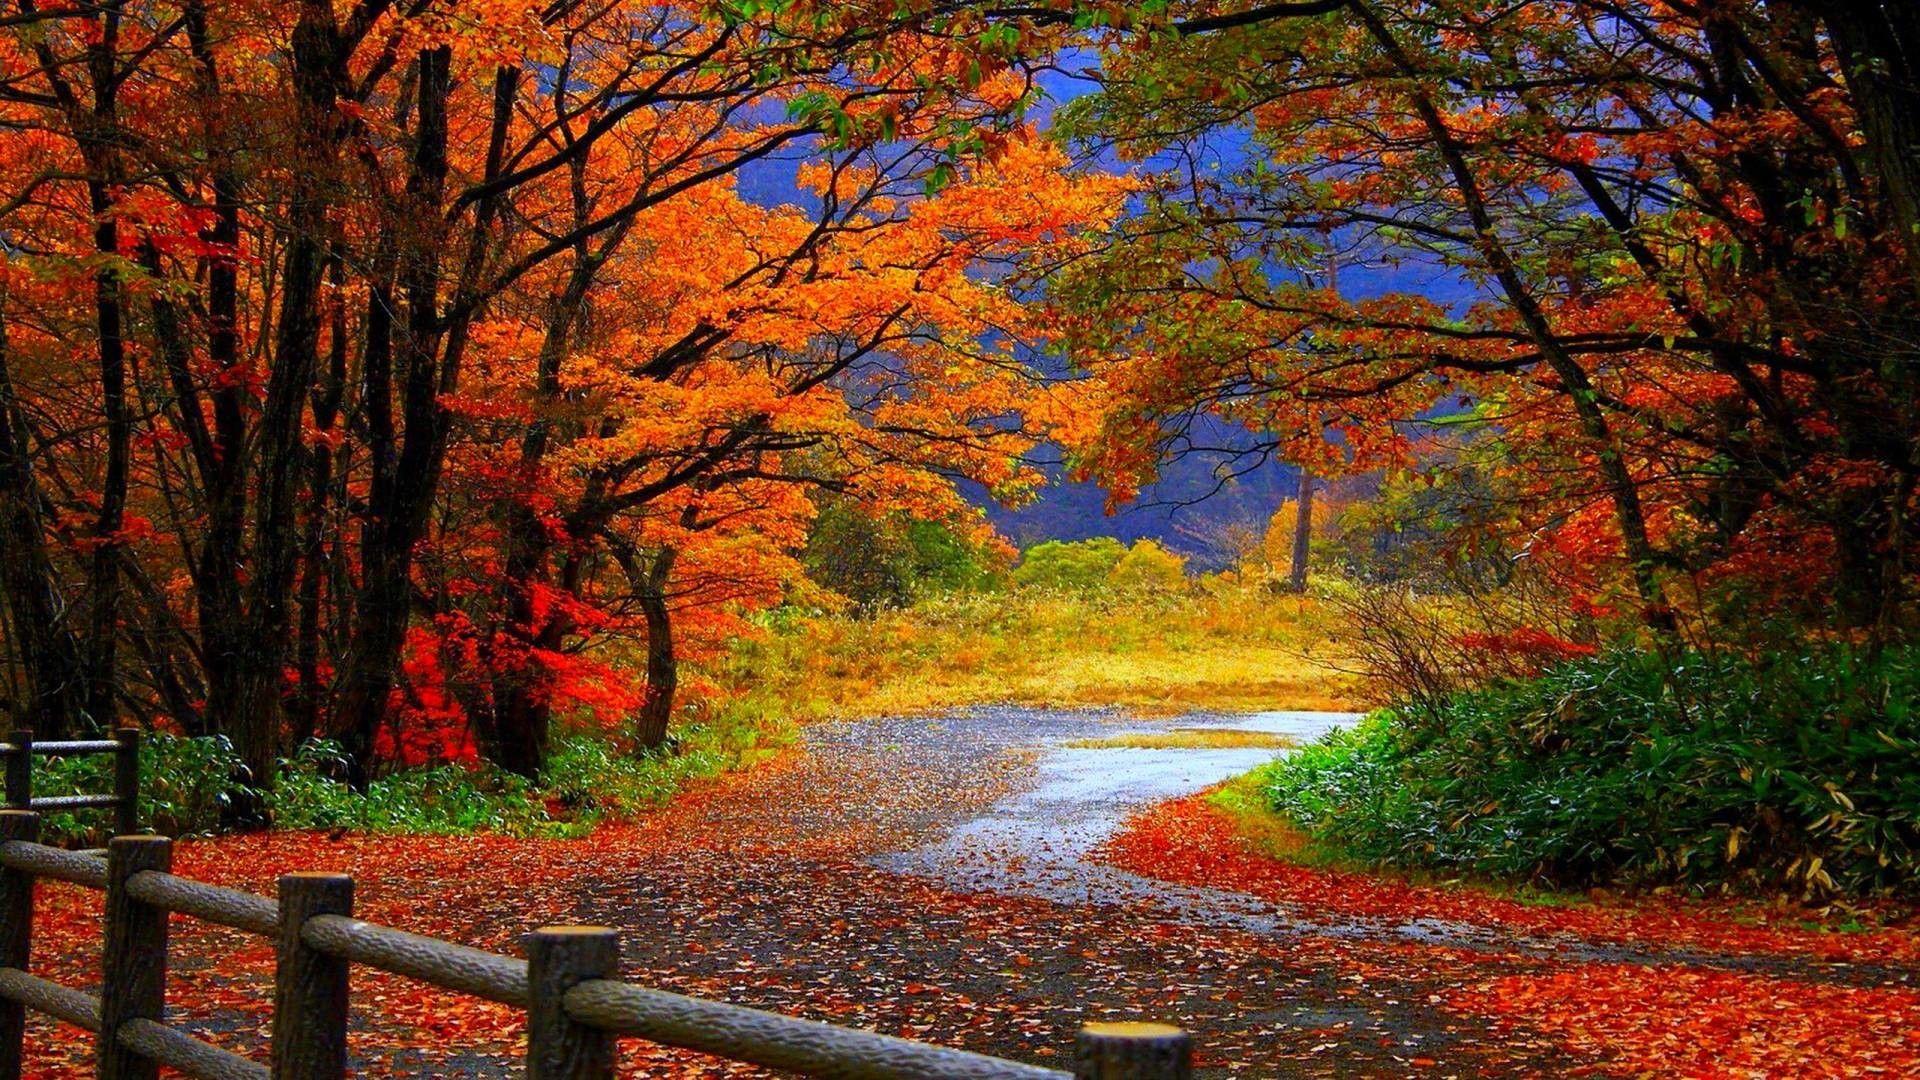 Autumn Scenes Desktop Wallpapers.